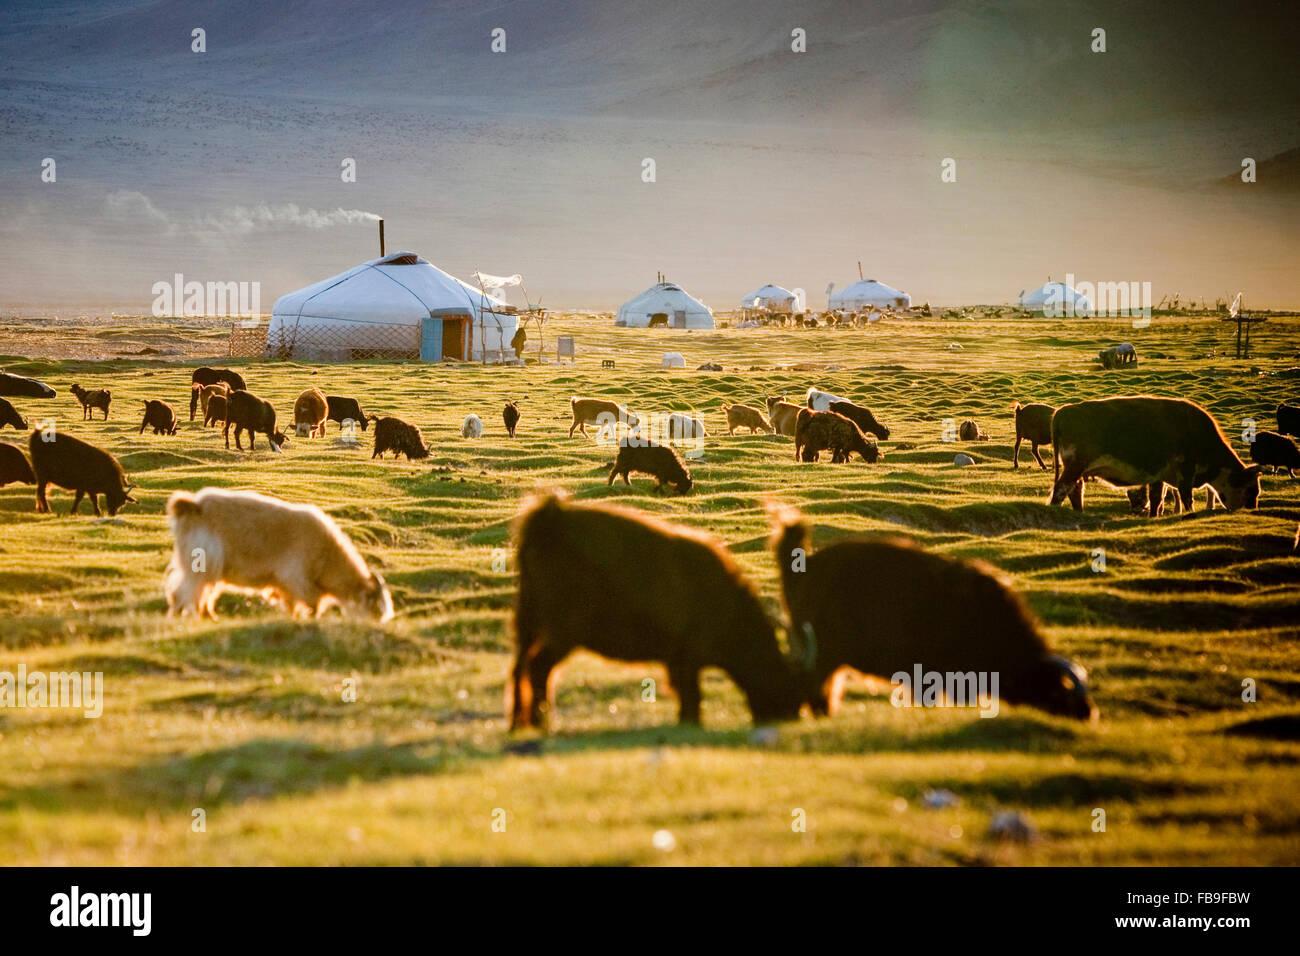 Un élevage au cours d'un été doux dans le climat de l'extrême parfois Tsaast Uul valley dans l'ouest de la Mongolie. Banque D'Images